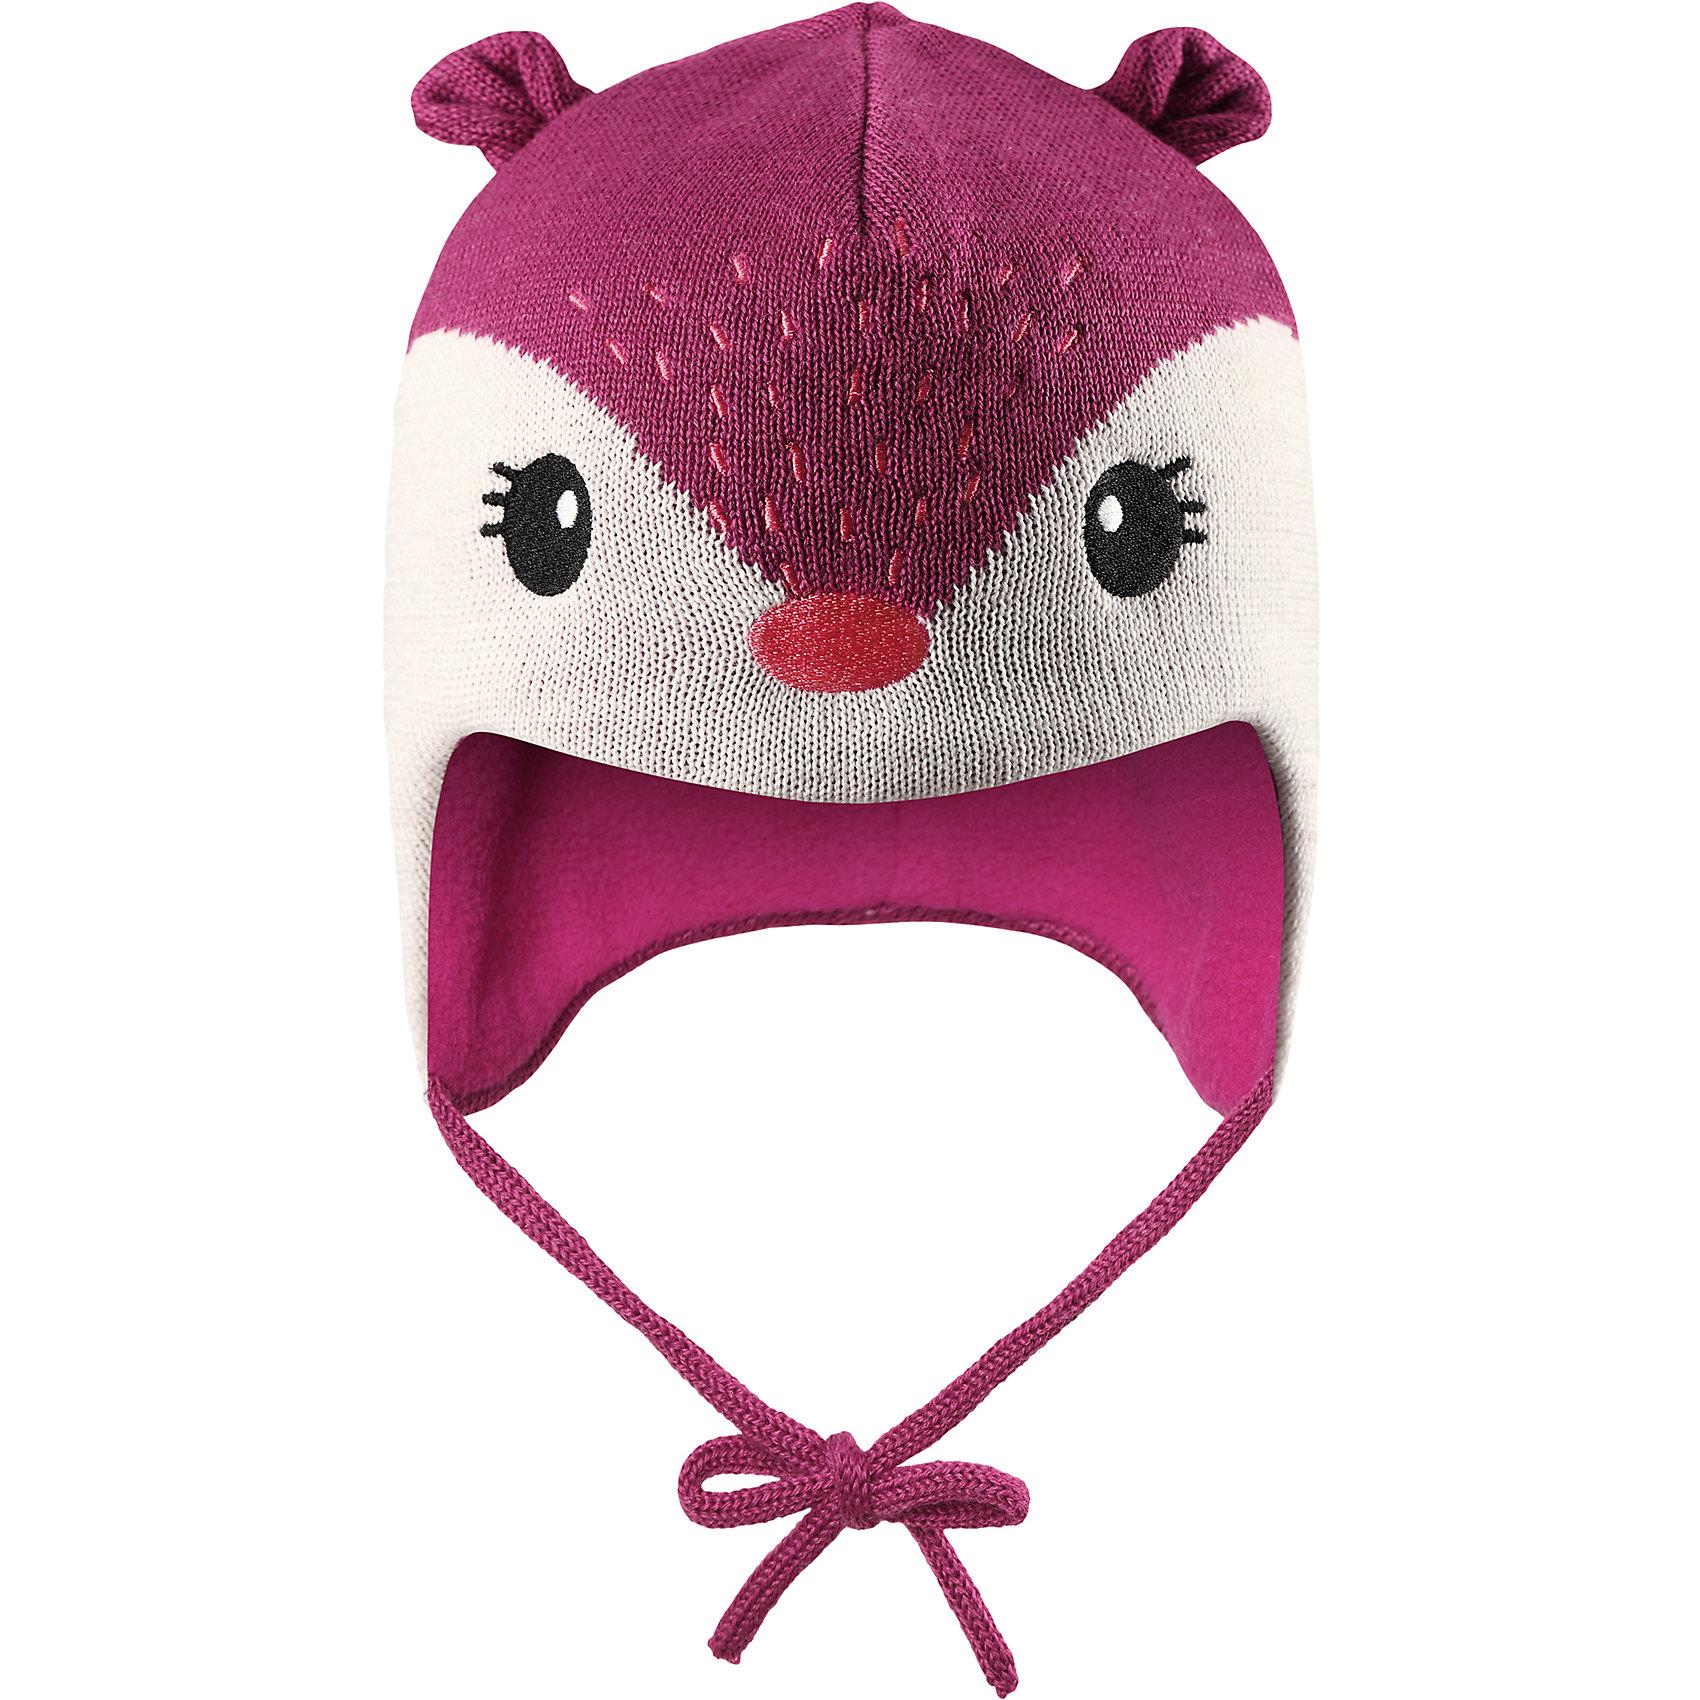 Шапка LassieШапки и шарфы<br>Характеристики товара:<br><br>• цвет: розовый;<br>• состав: 50% шерсть, 50% полиакрил; <br>• подкладка: 100% полиэстер, флис;<br>• сезон: зима;<br>• без дополнительного утепления;<br>• температурный режим: от 0 до -20С;<br>• мягкая и теплая ткань из смеси шерсти;<br>• ветронепроницаемые вставки в области ушей;<br>• сплошная подкладка: мягкий теплый флис;<br>• шапка на завязках, декоративные ушки сверху;<br>• светоотражающие детали;<br>• страна бренда: Финляндия;<br>• страна изготовитель: Китай;<br><br>Эта очень мягкая и теплая шапка для новорожденных – превосходный аксессуар для холодных зимних деньков. Ветронепроницаемые вставки в области ушей обеспечивают ушкам дополнительную защиту, а мягкая флисовая подкладка очень приятна на ощупь.<br><br>Шапку Lassie (Ласси) можно купить в нашем интернет-магазине.<br><br>Ширина мм: 89<br>Глубина мм: 117<br>Высота мм: 44<br>Вес г: 155<br>Цвет: розовый<br>Возраст от месяцев: 36<br>Возраст до месяцев: 72<br>Пол: Унисекс<br>Возраст: Детский<br>Размер: 50-52,42-44,44-46,46-48<br>SKU: 6905615